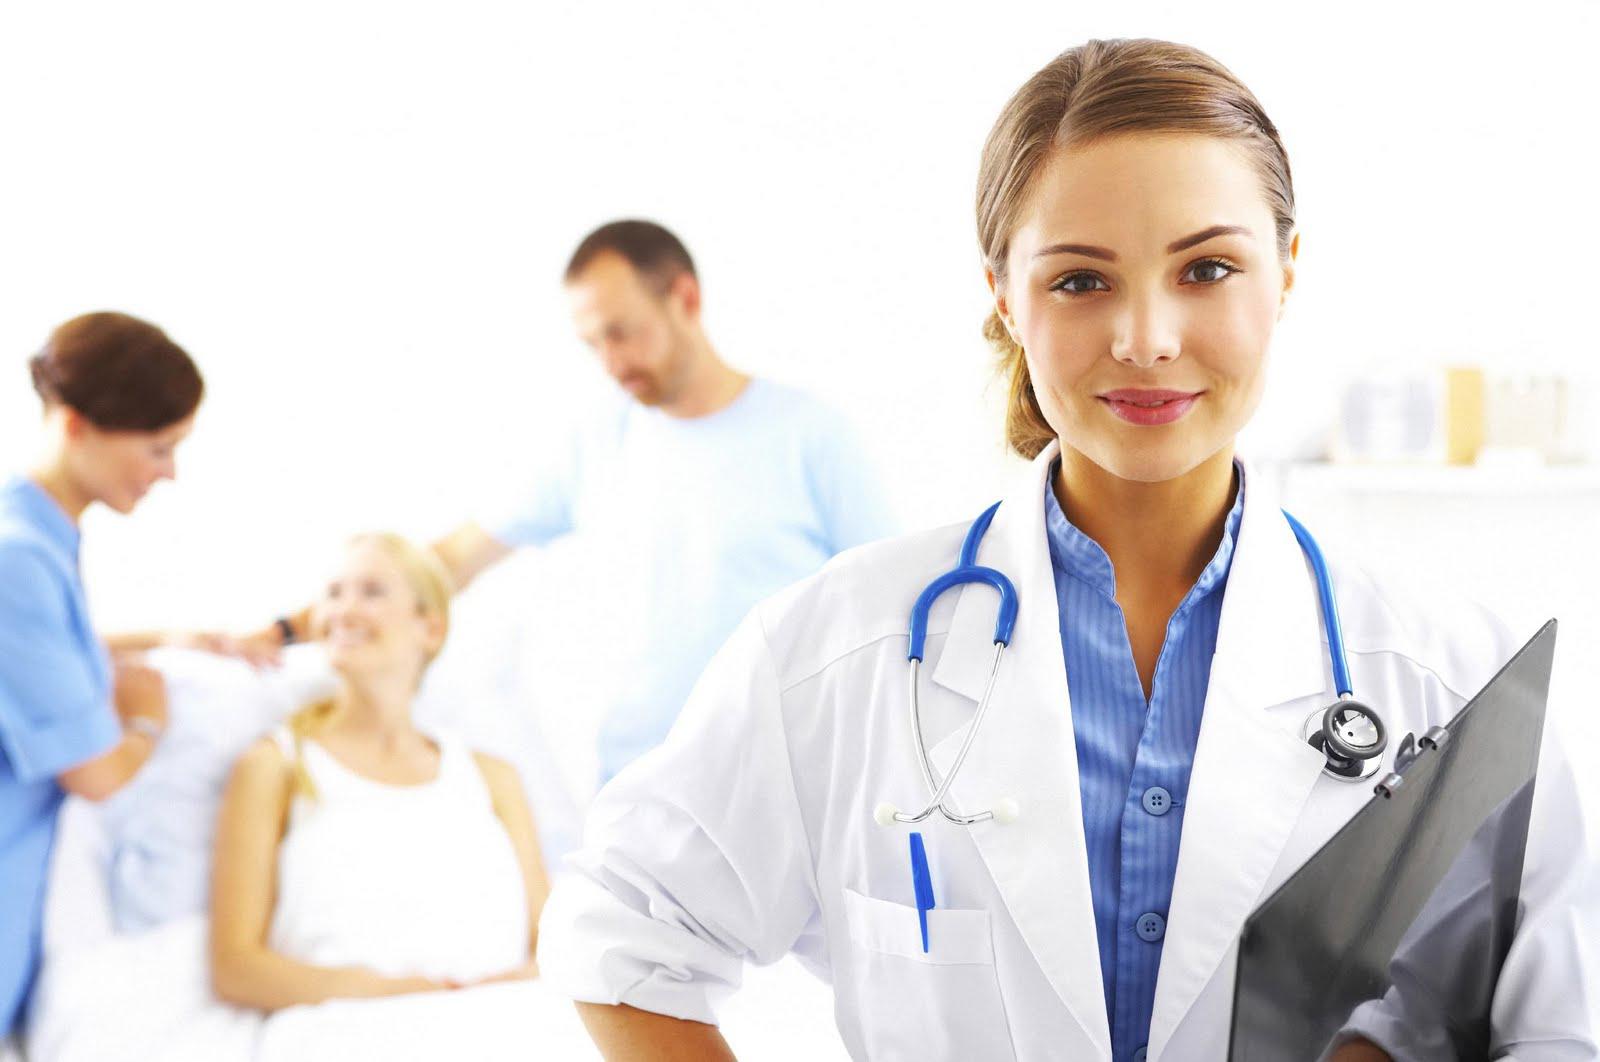 Bác sĩ sẽ giúp bạn chẩn đoán phân biệt rối loạn tic và co giật cơ thần kinh vùng mặt